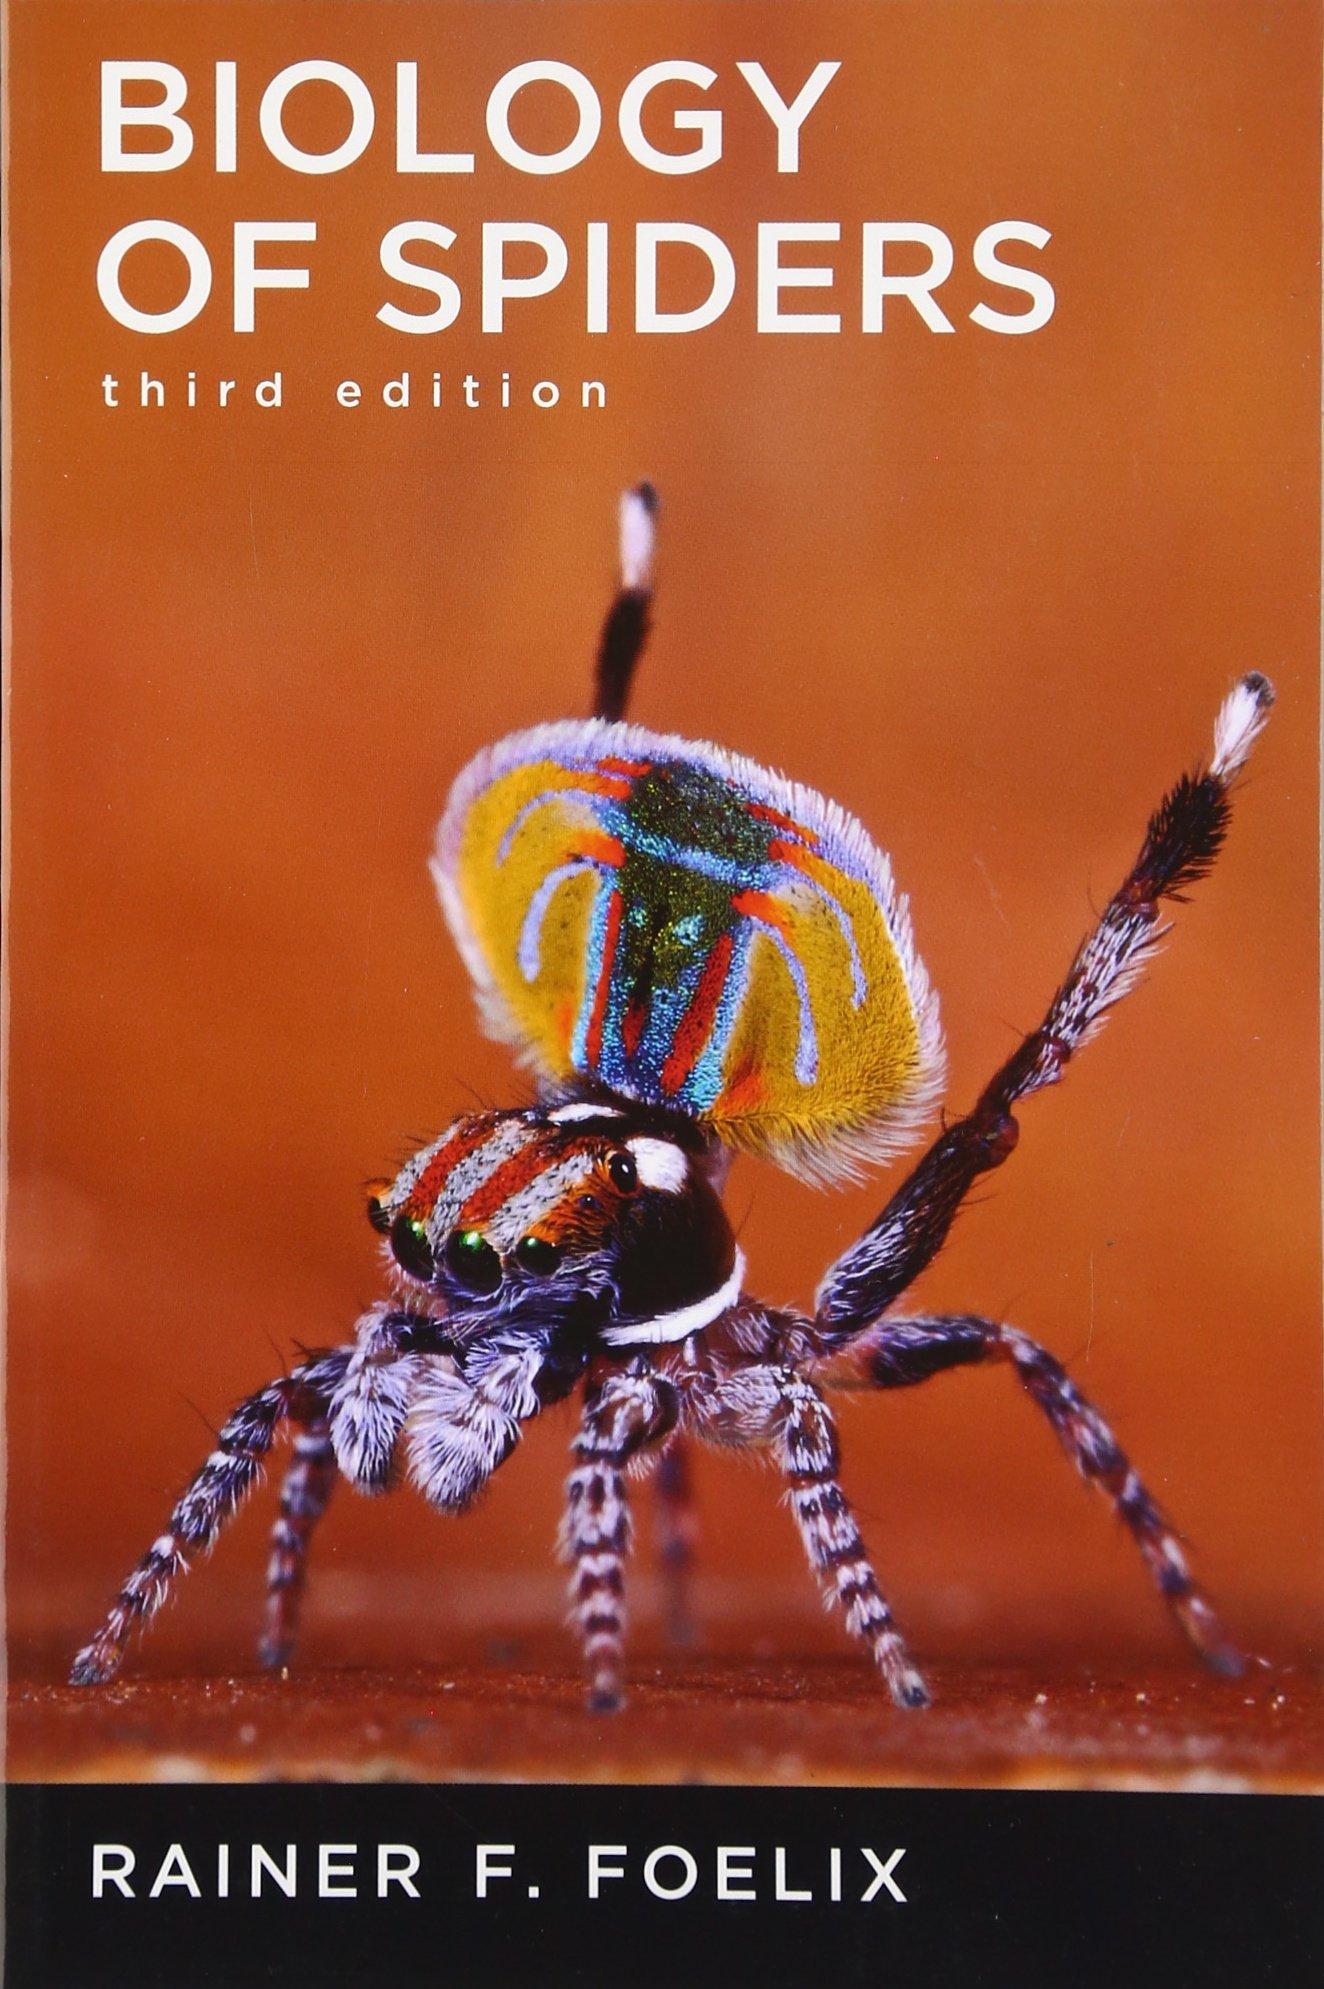 biology of spiders amazon co uk rainer foelix 9780199734825 books